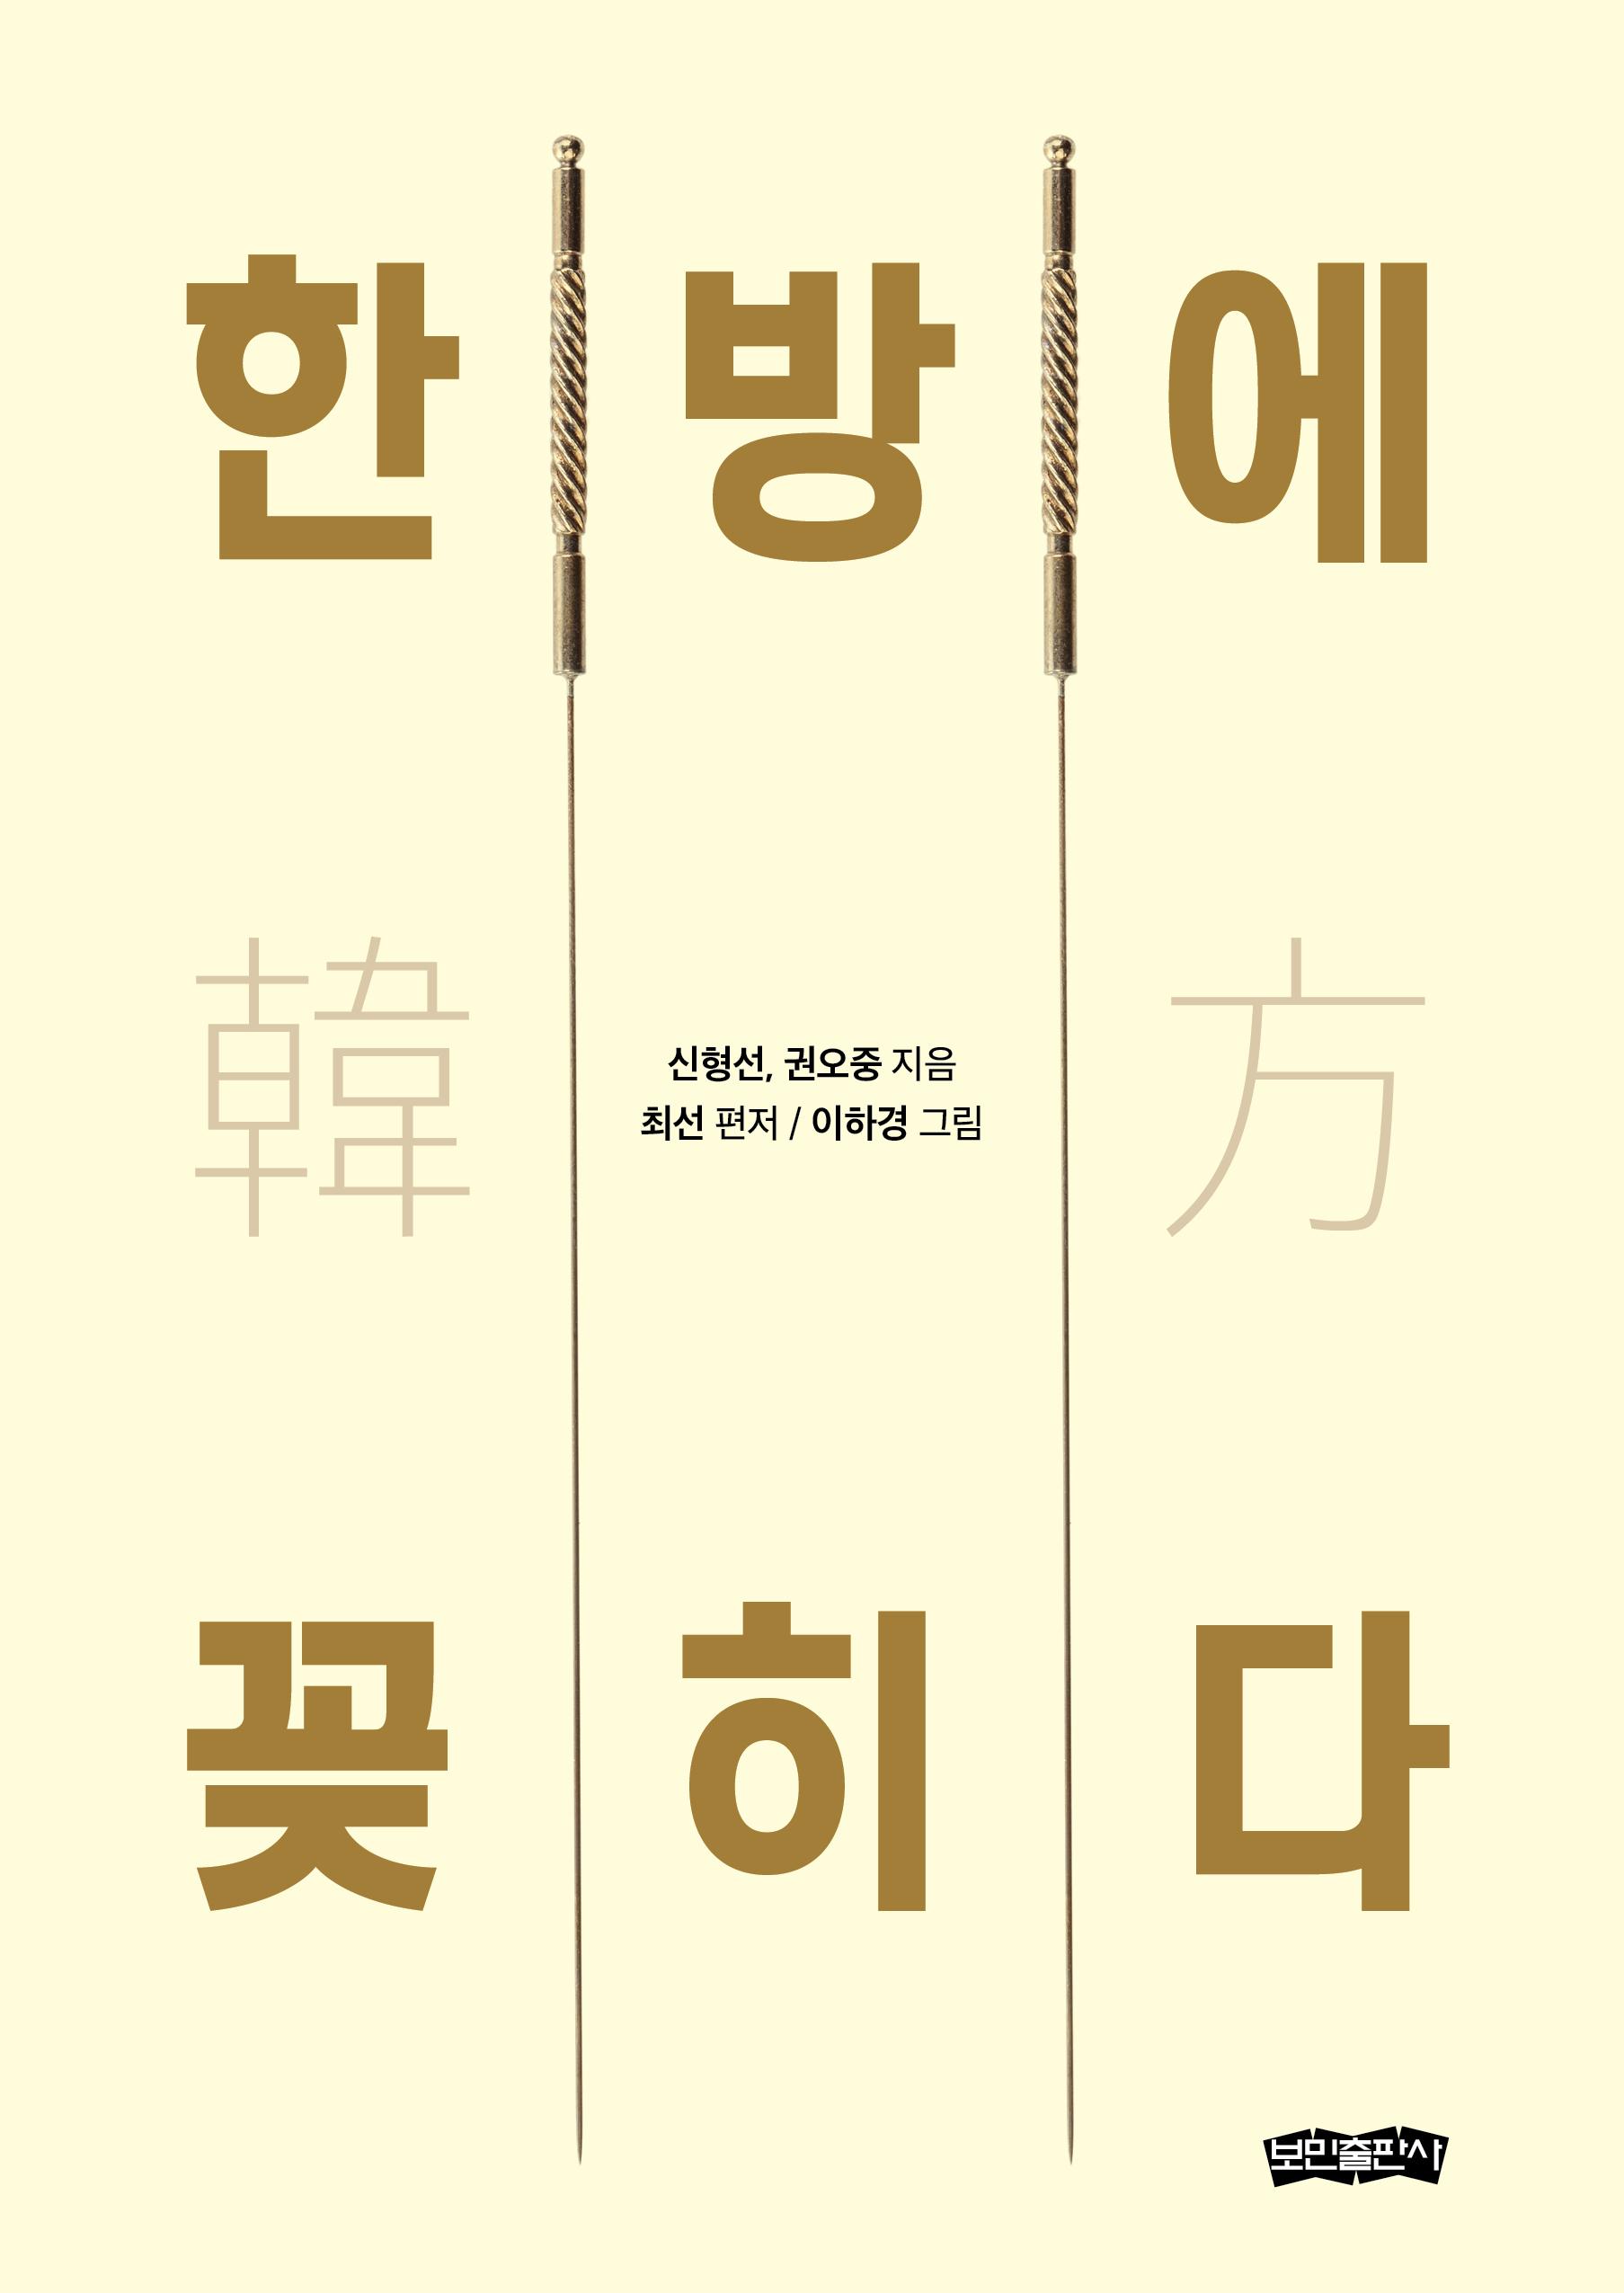 한방(韓方)에 꽂히다